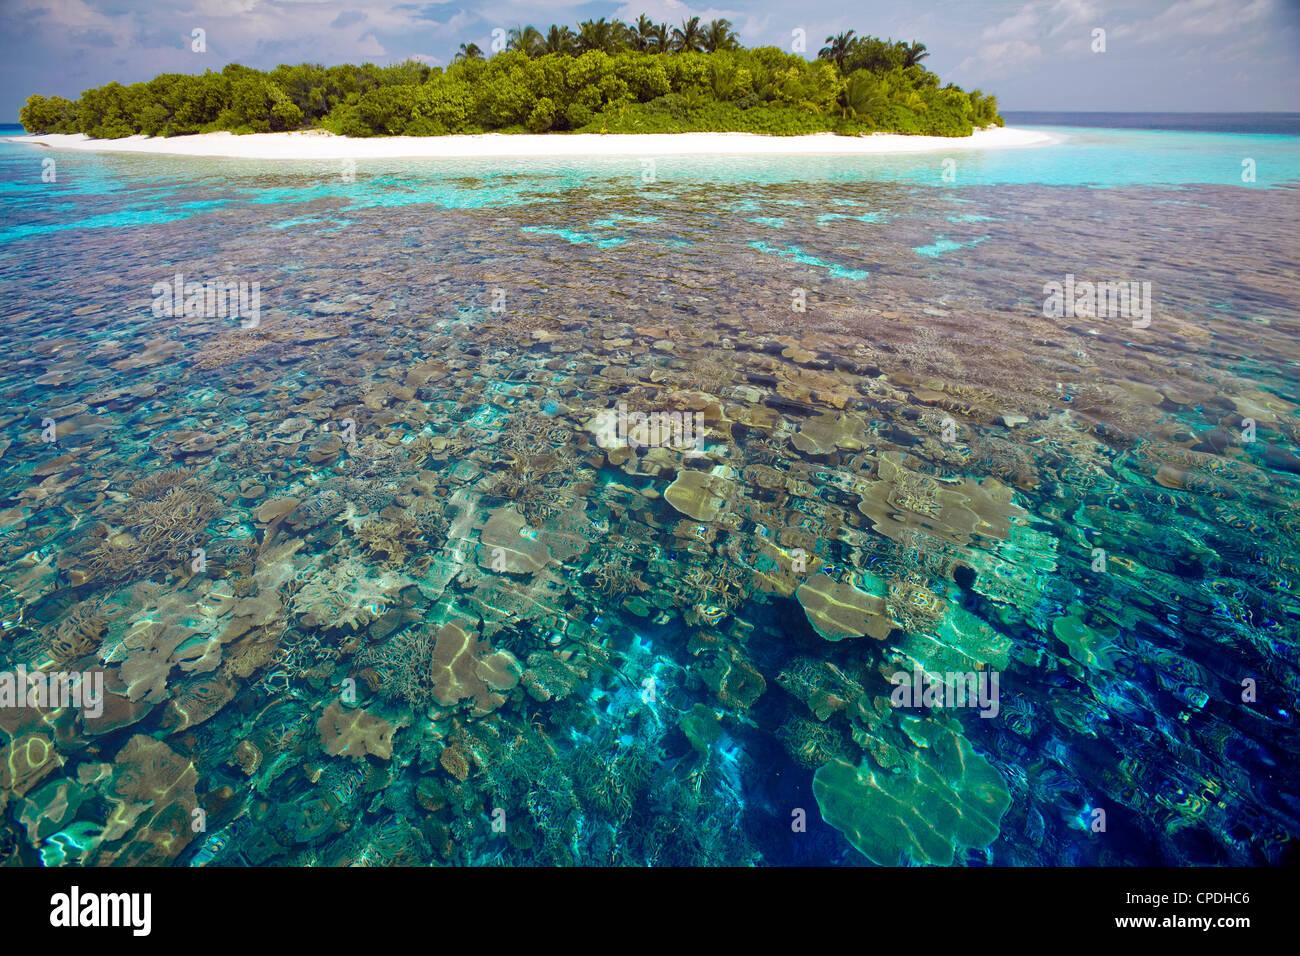 Placas de coral, la laguna y la isla tropical, Maldivas, Océano Índico, Asia Imagen De Stock